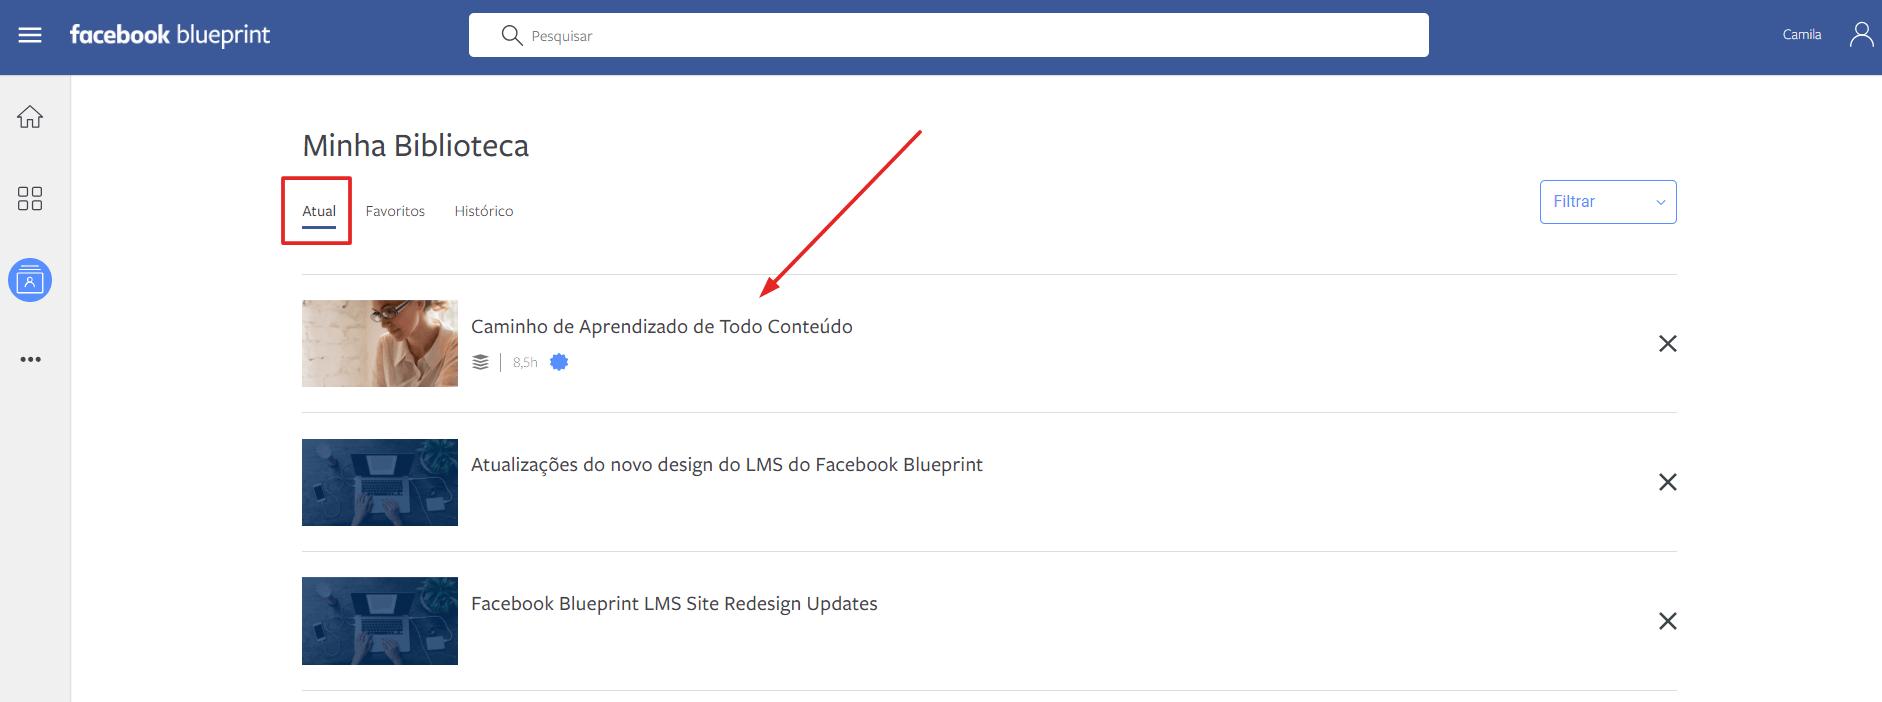 acessar caminho de aprendizado facebook blueprint